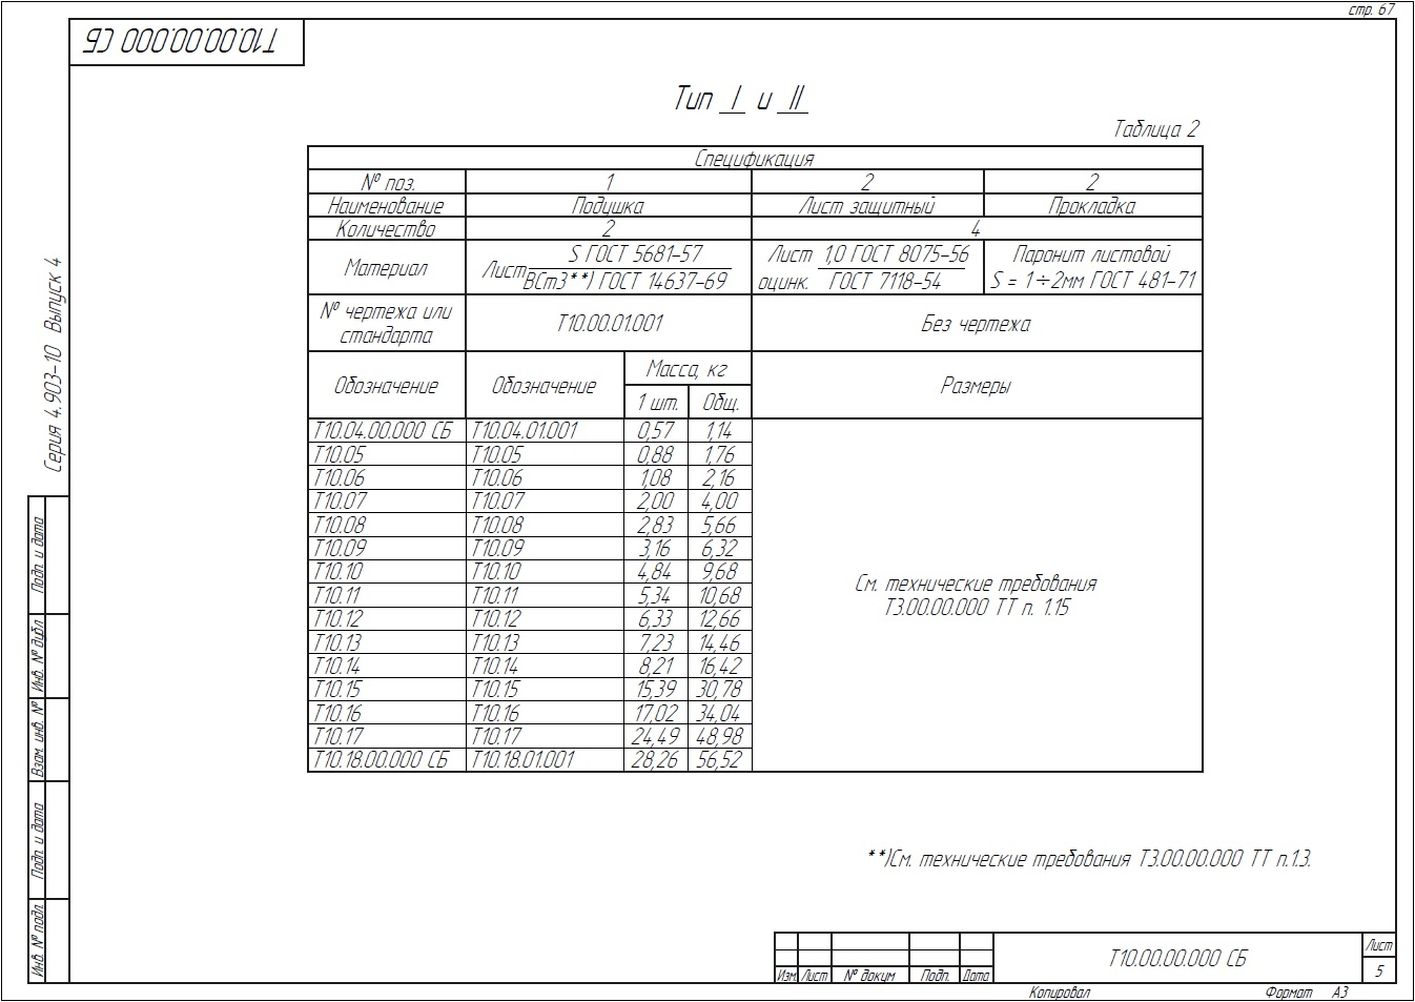 Опора неподвижная боковая Т10 серия 4.903-10 вып.4 стр.5